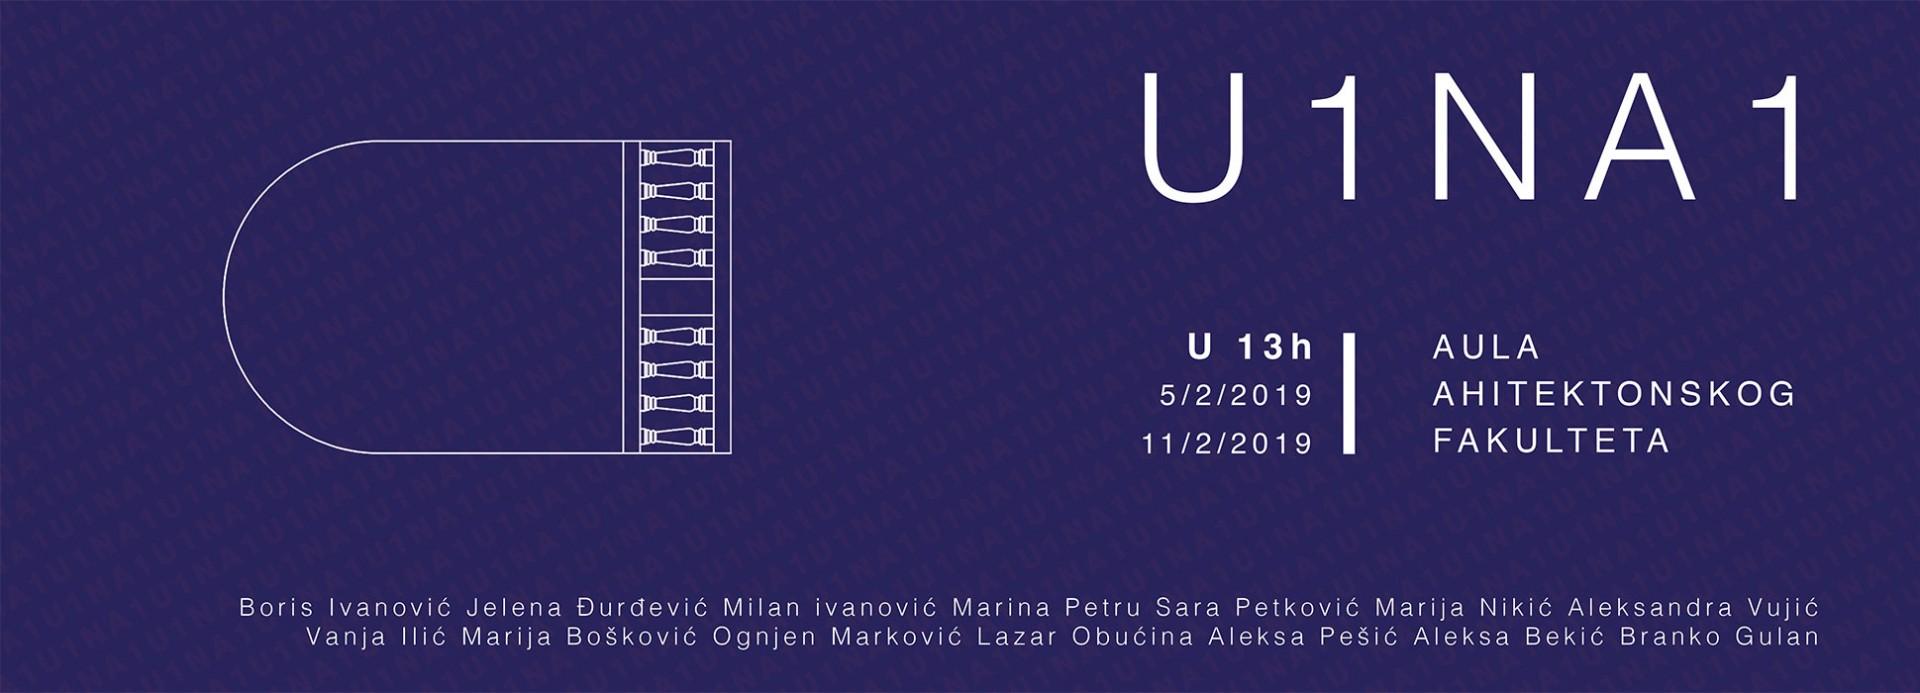 Изложба У1НА1 2018/19: Архитектура употребног предмета